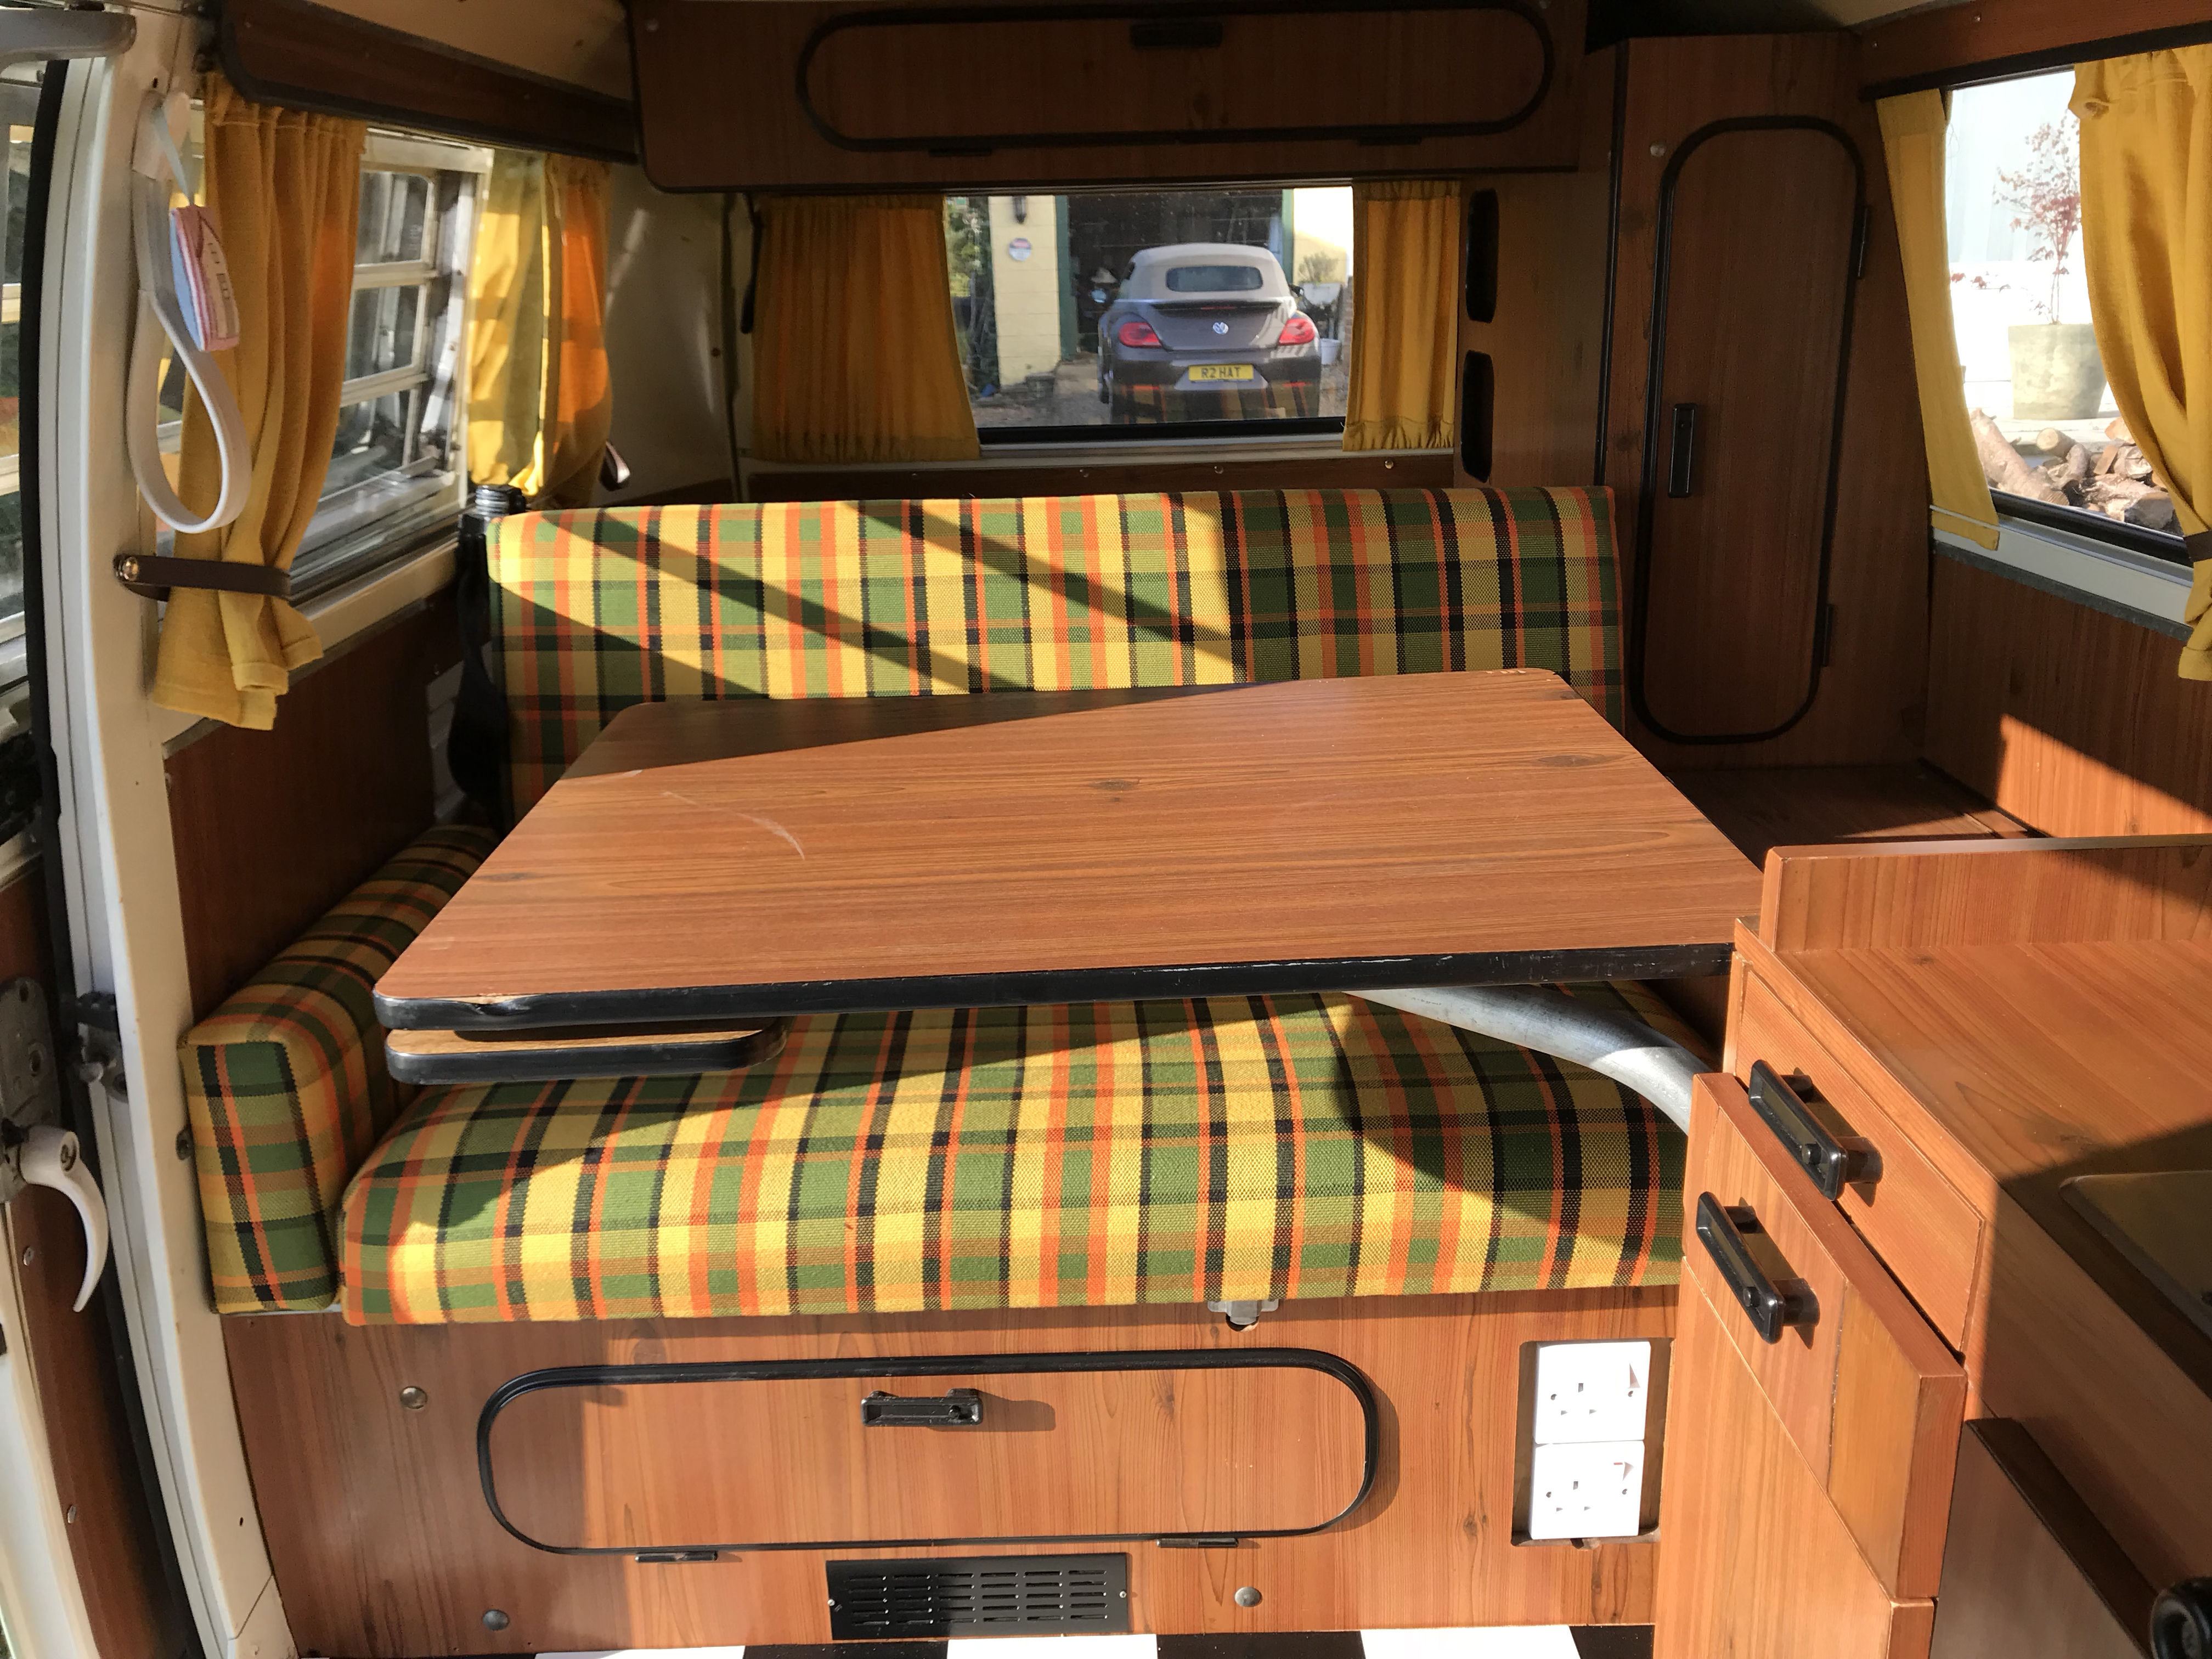 vw-camper-interiors